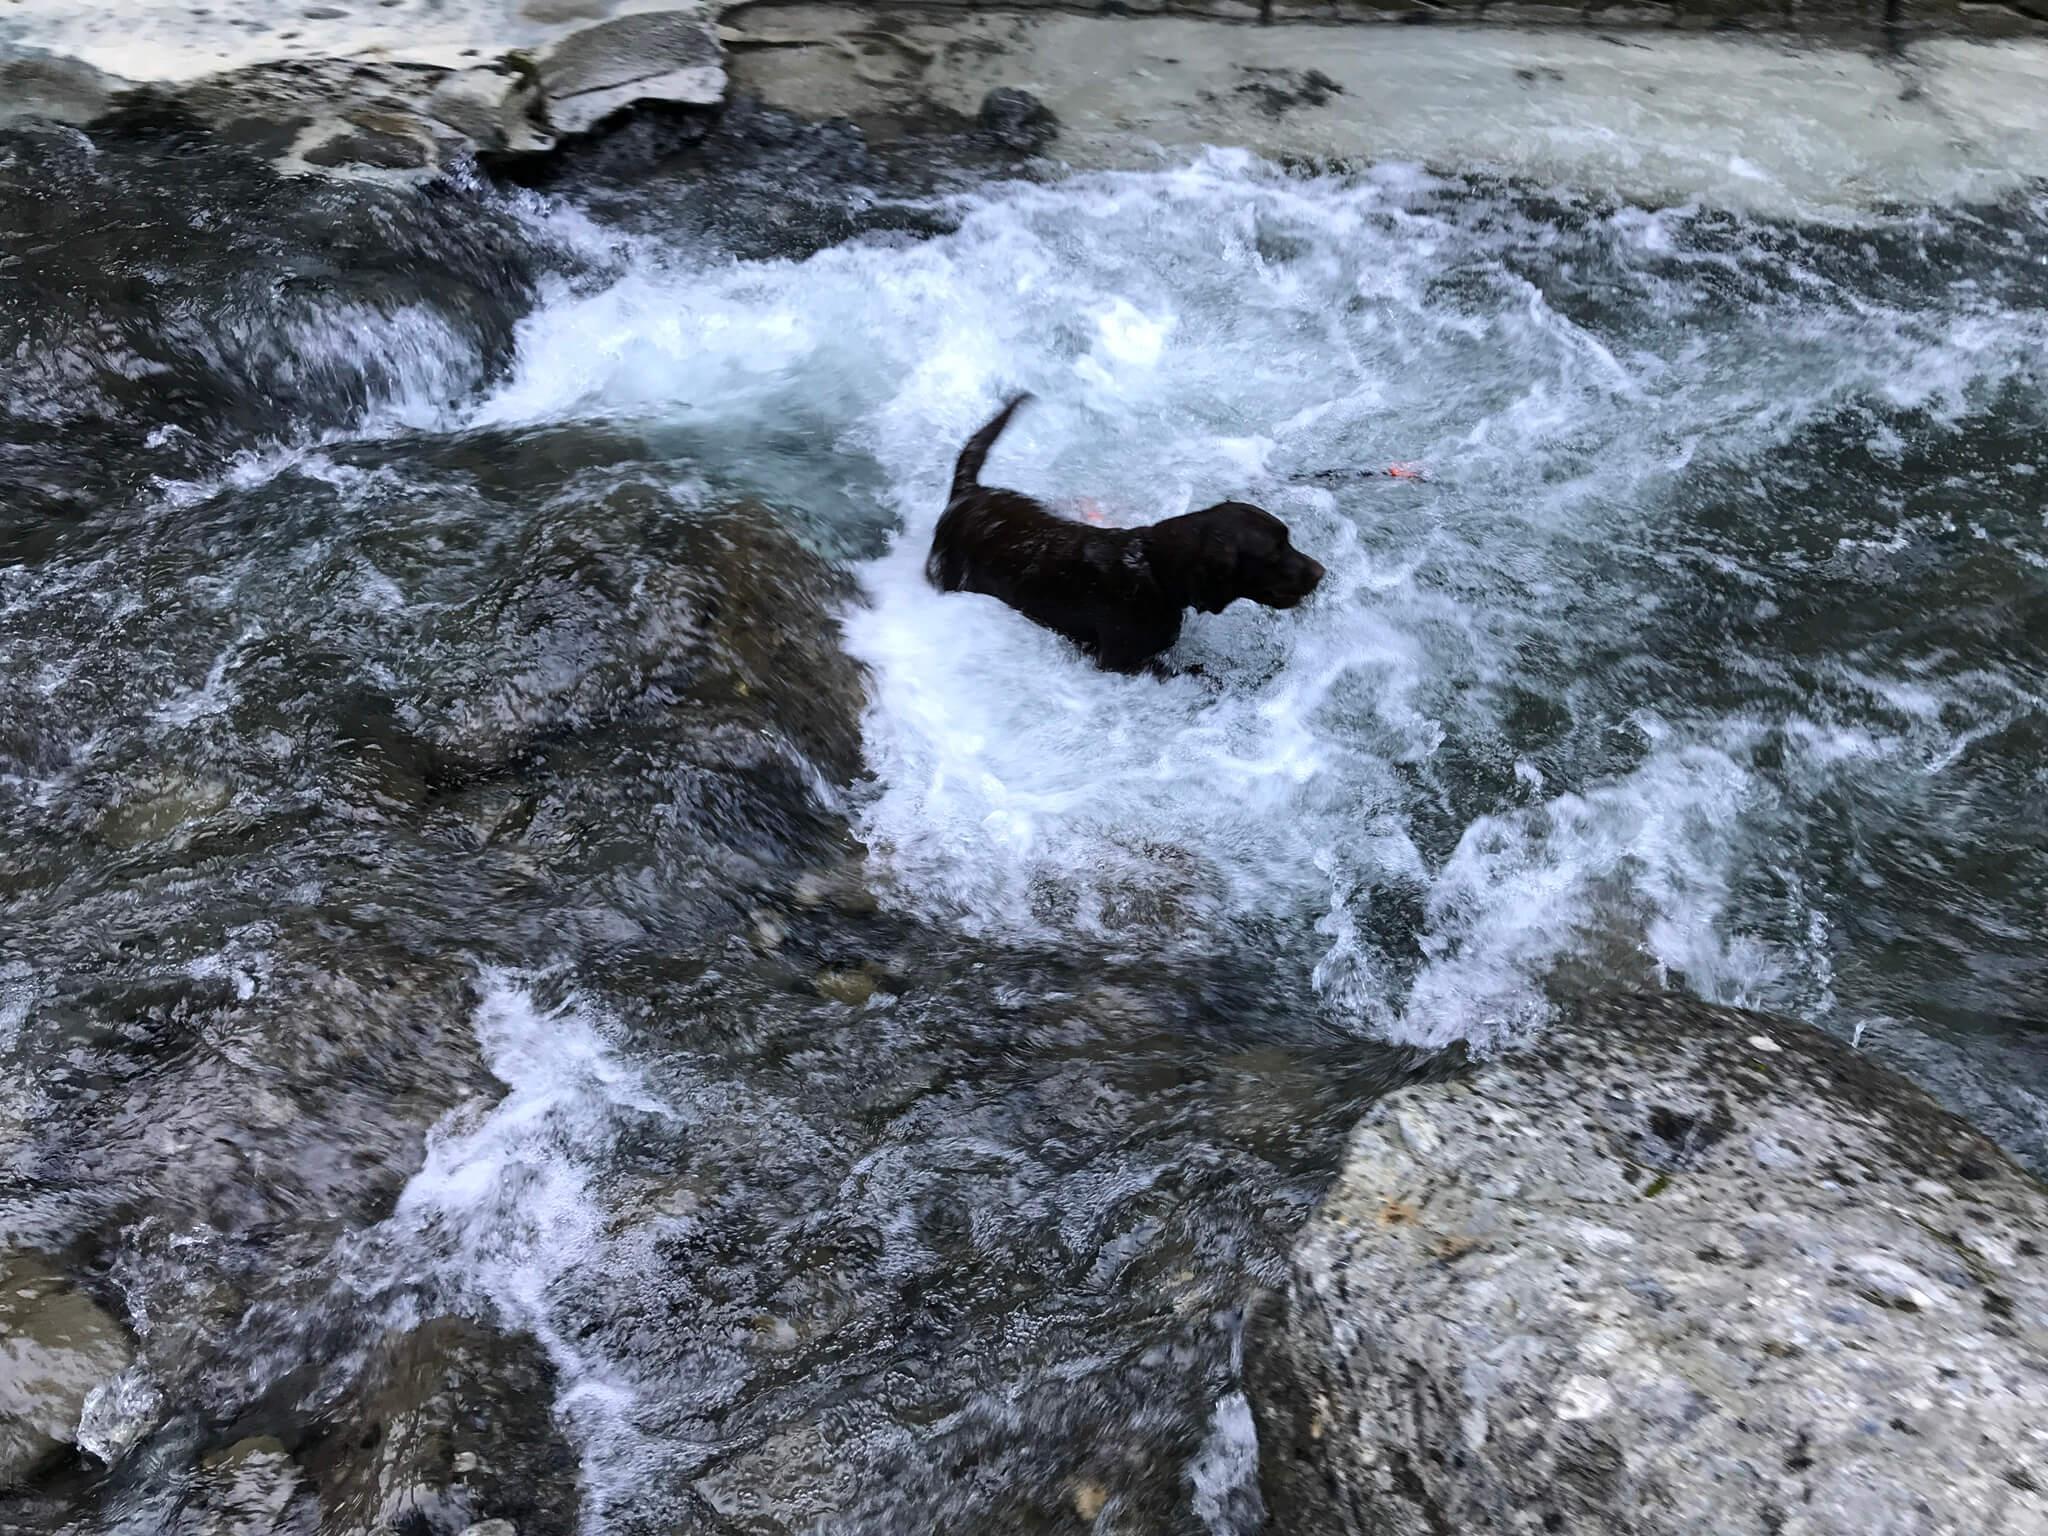 滝畑で川遊び中の黒ラブ